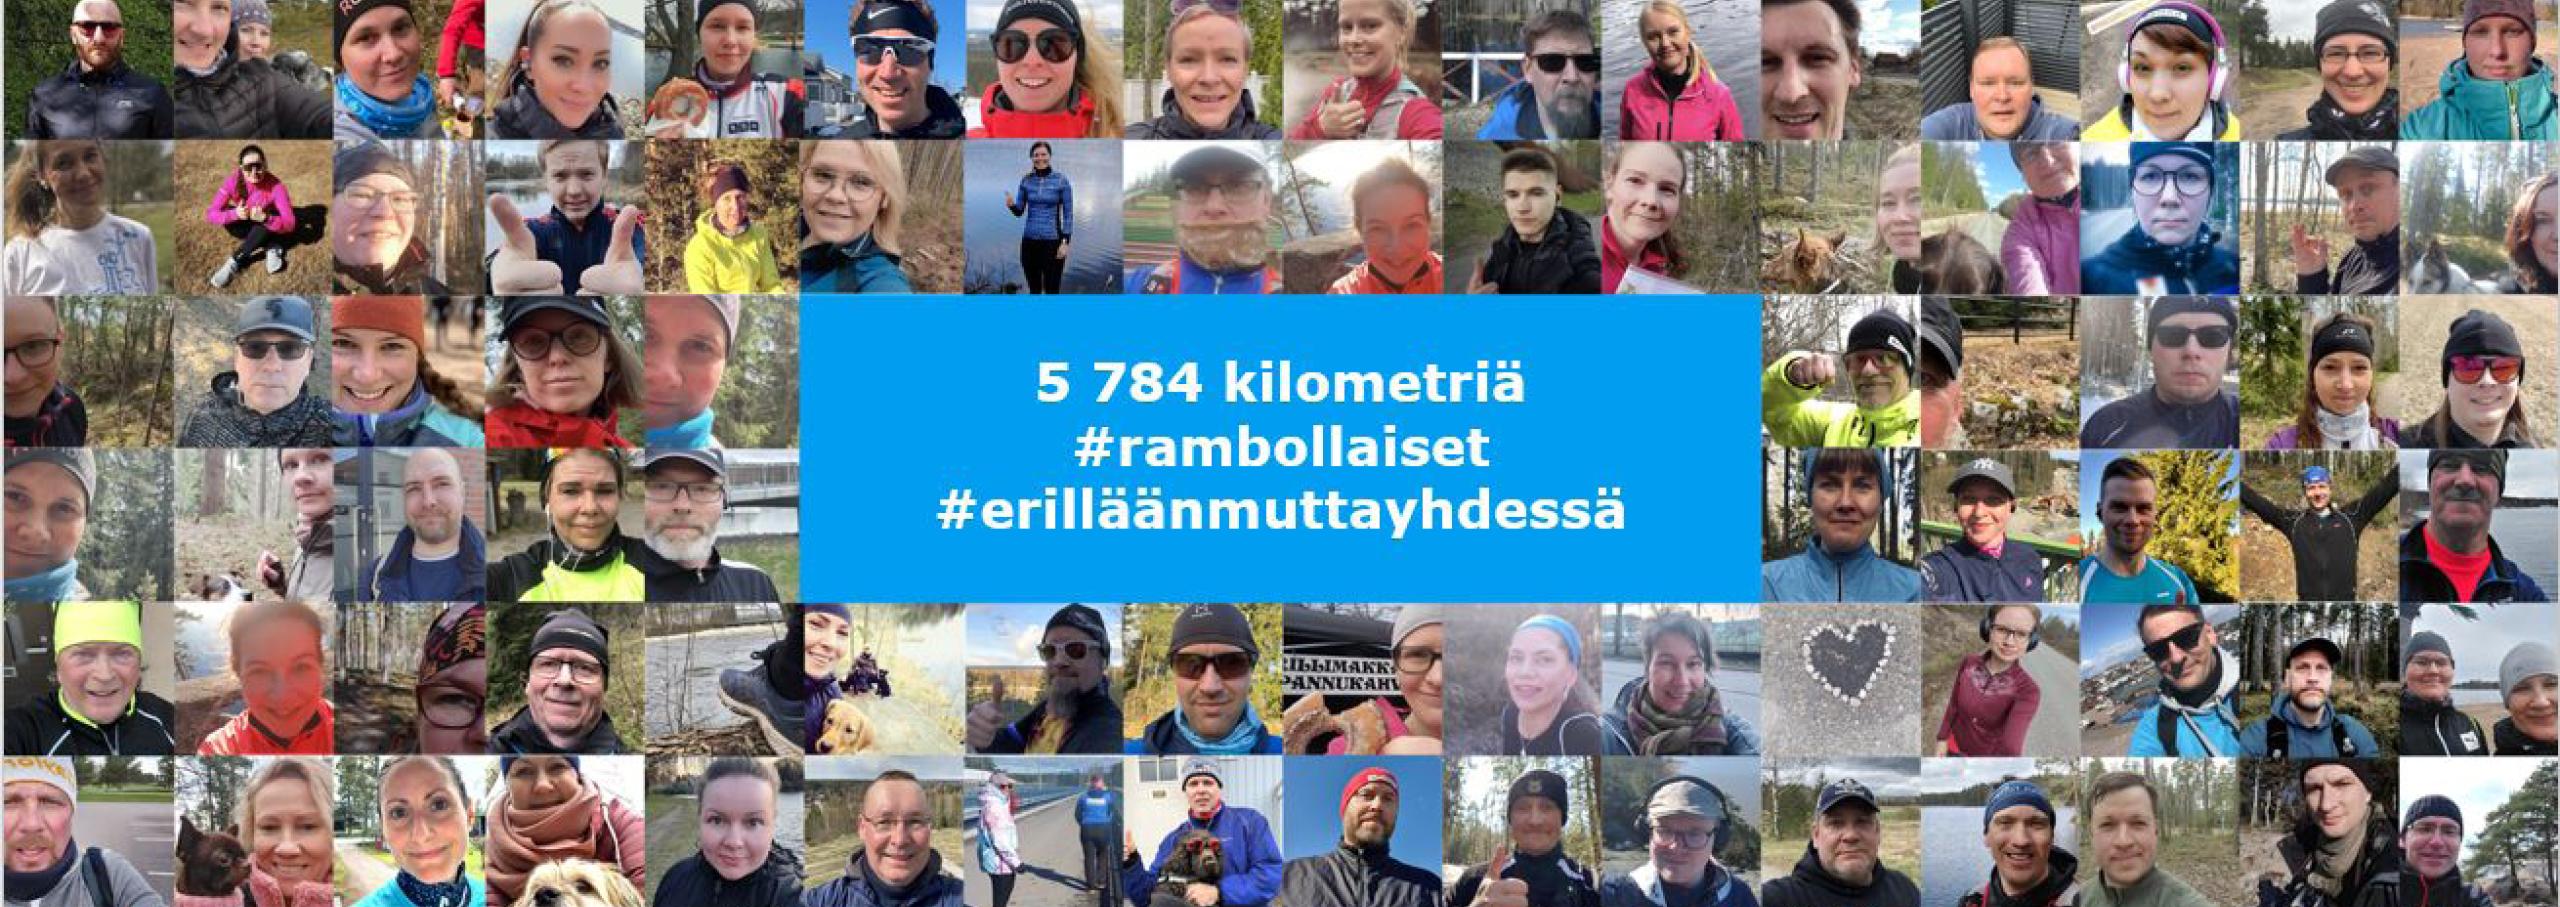 5784 kilometriä hyvän asian puolesta – Ramboll Finland keräsi rahaa Pelastakaa Lapsille lapsiperheiden tueksi